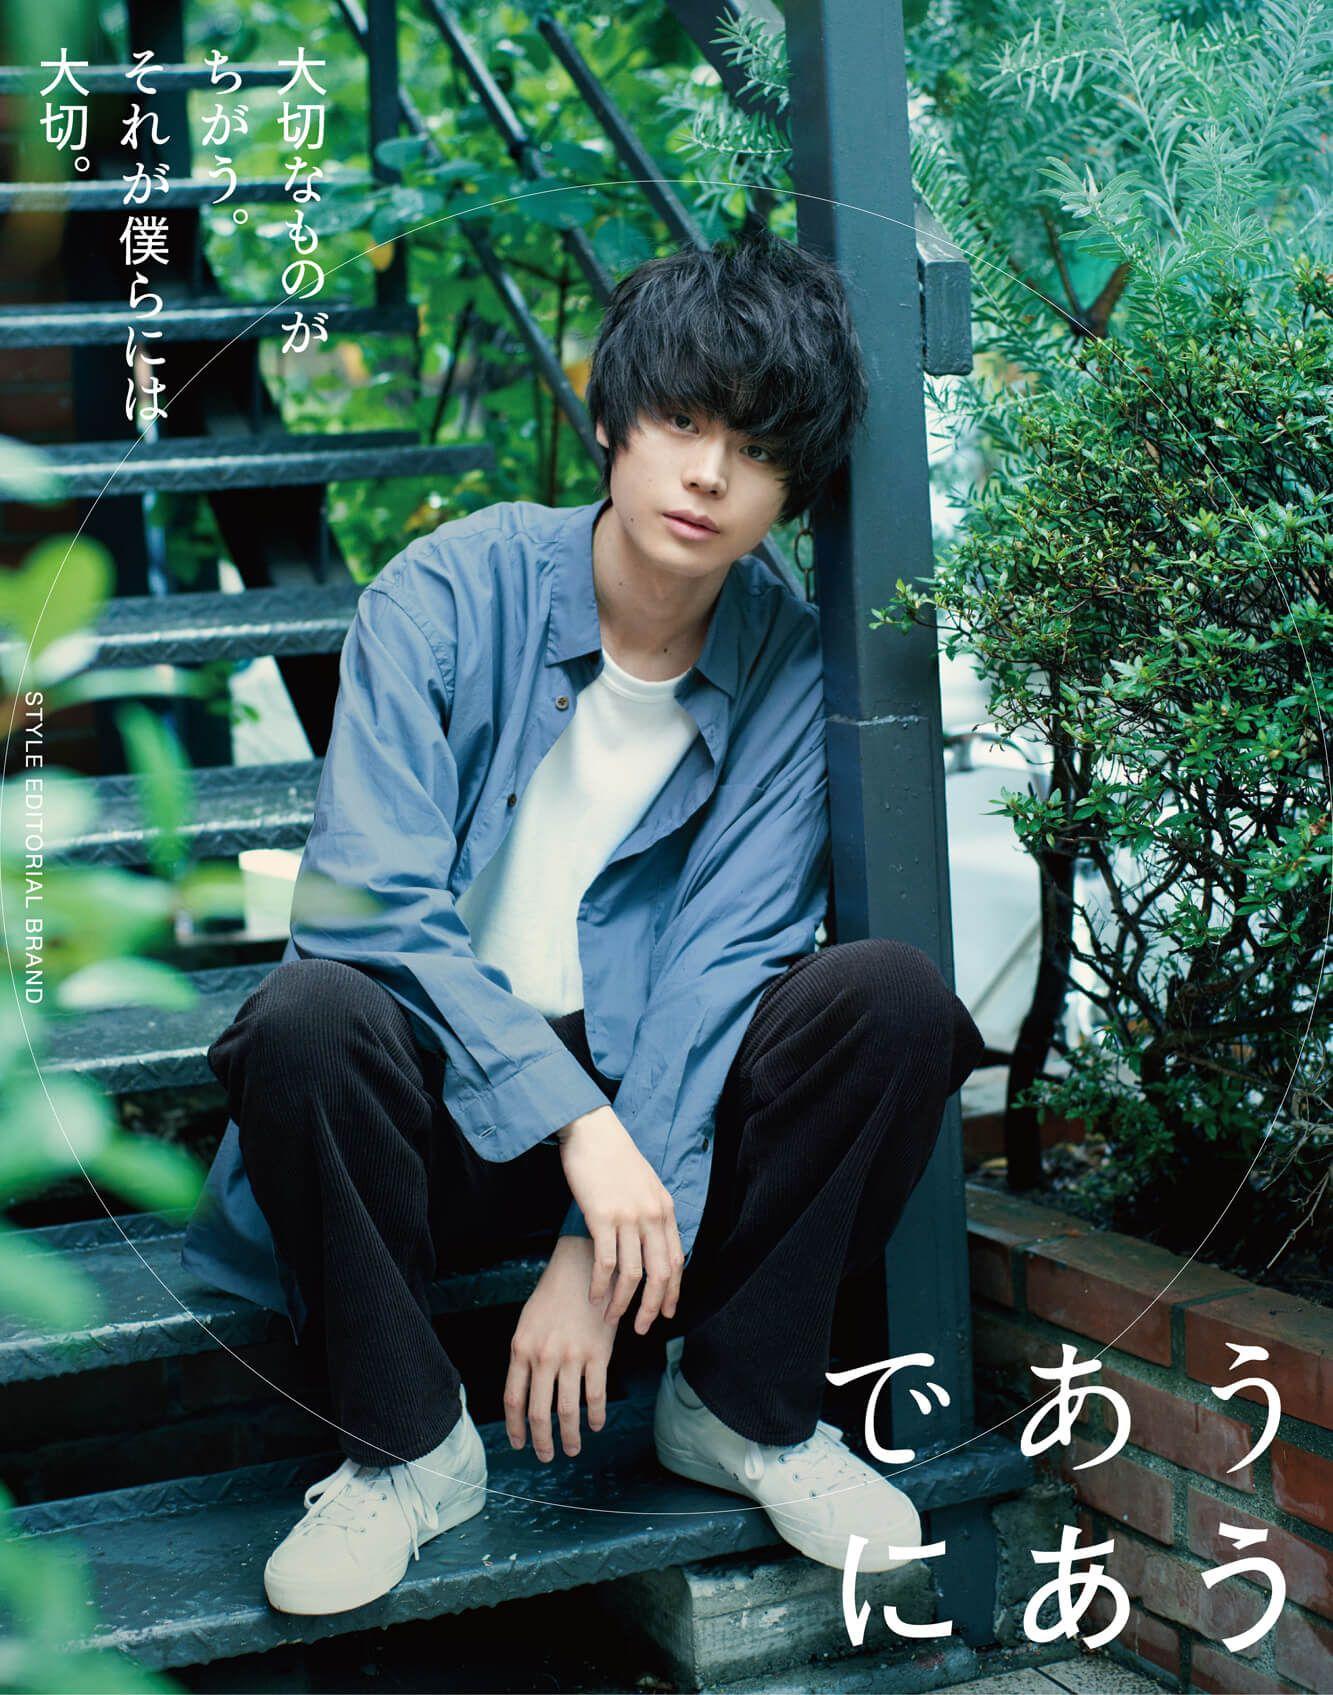 であうにあう MOVIE 「カケル」 主演:菅田将暉 小松菜奈 | niko and ...